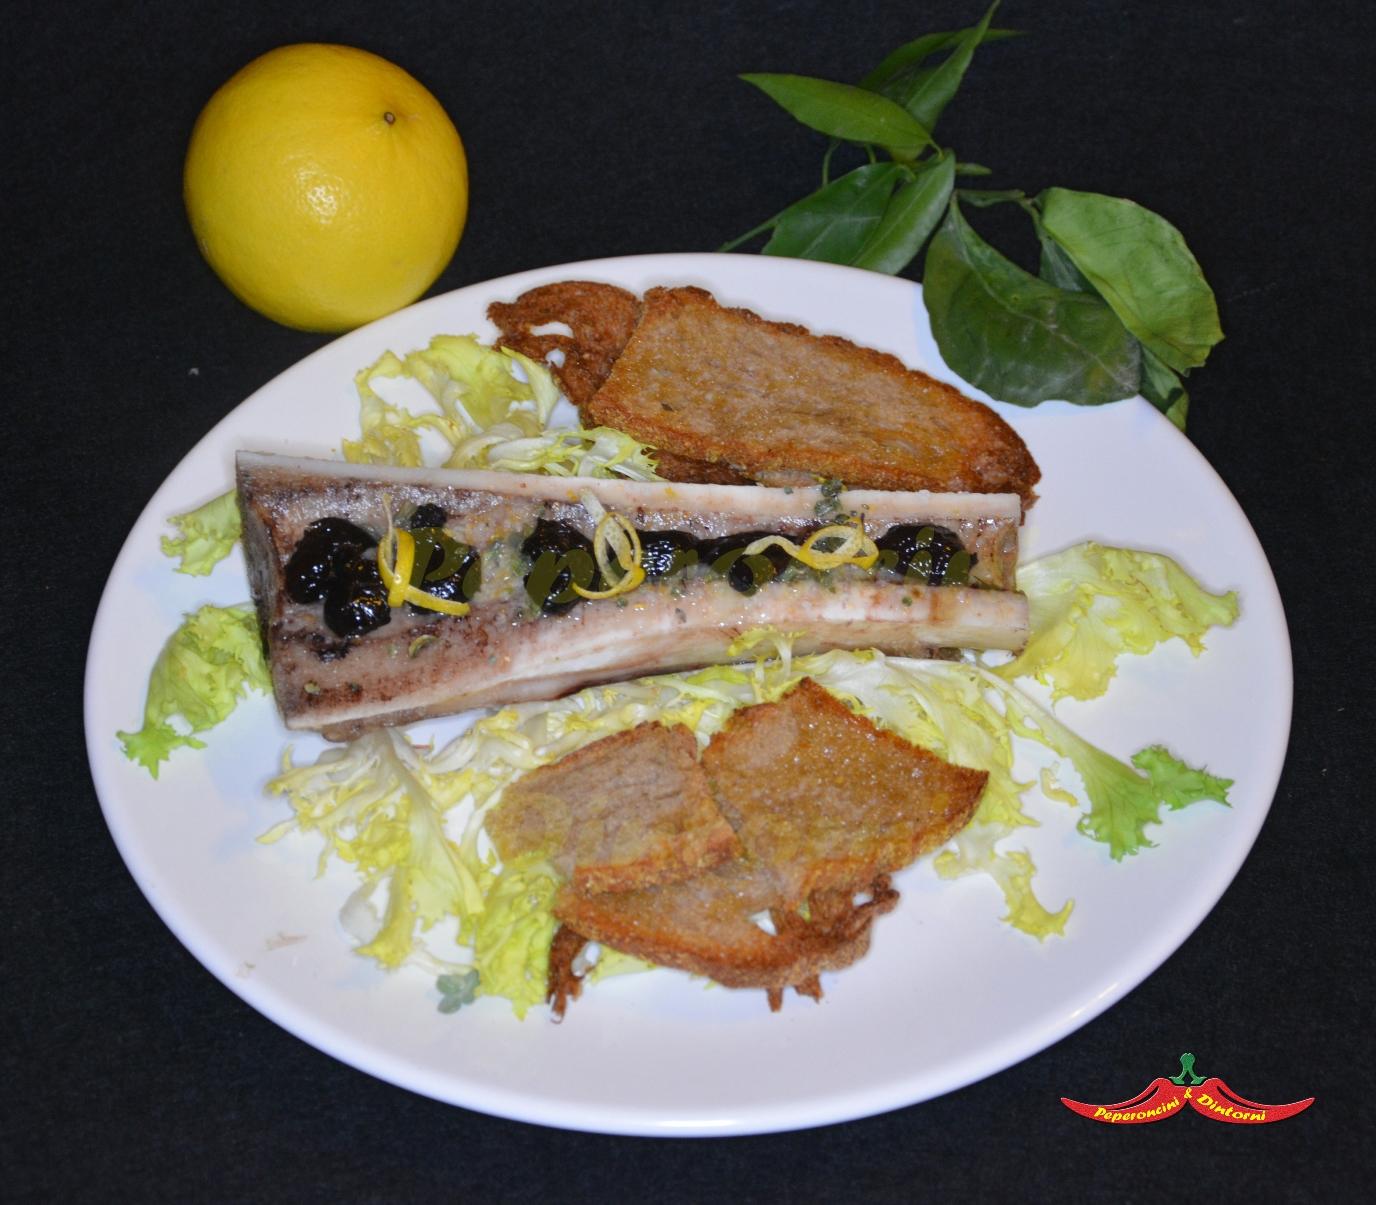 Midollo al forno con sale aromatizzato al Bergamotto